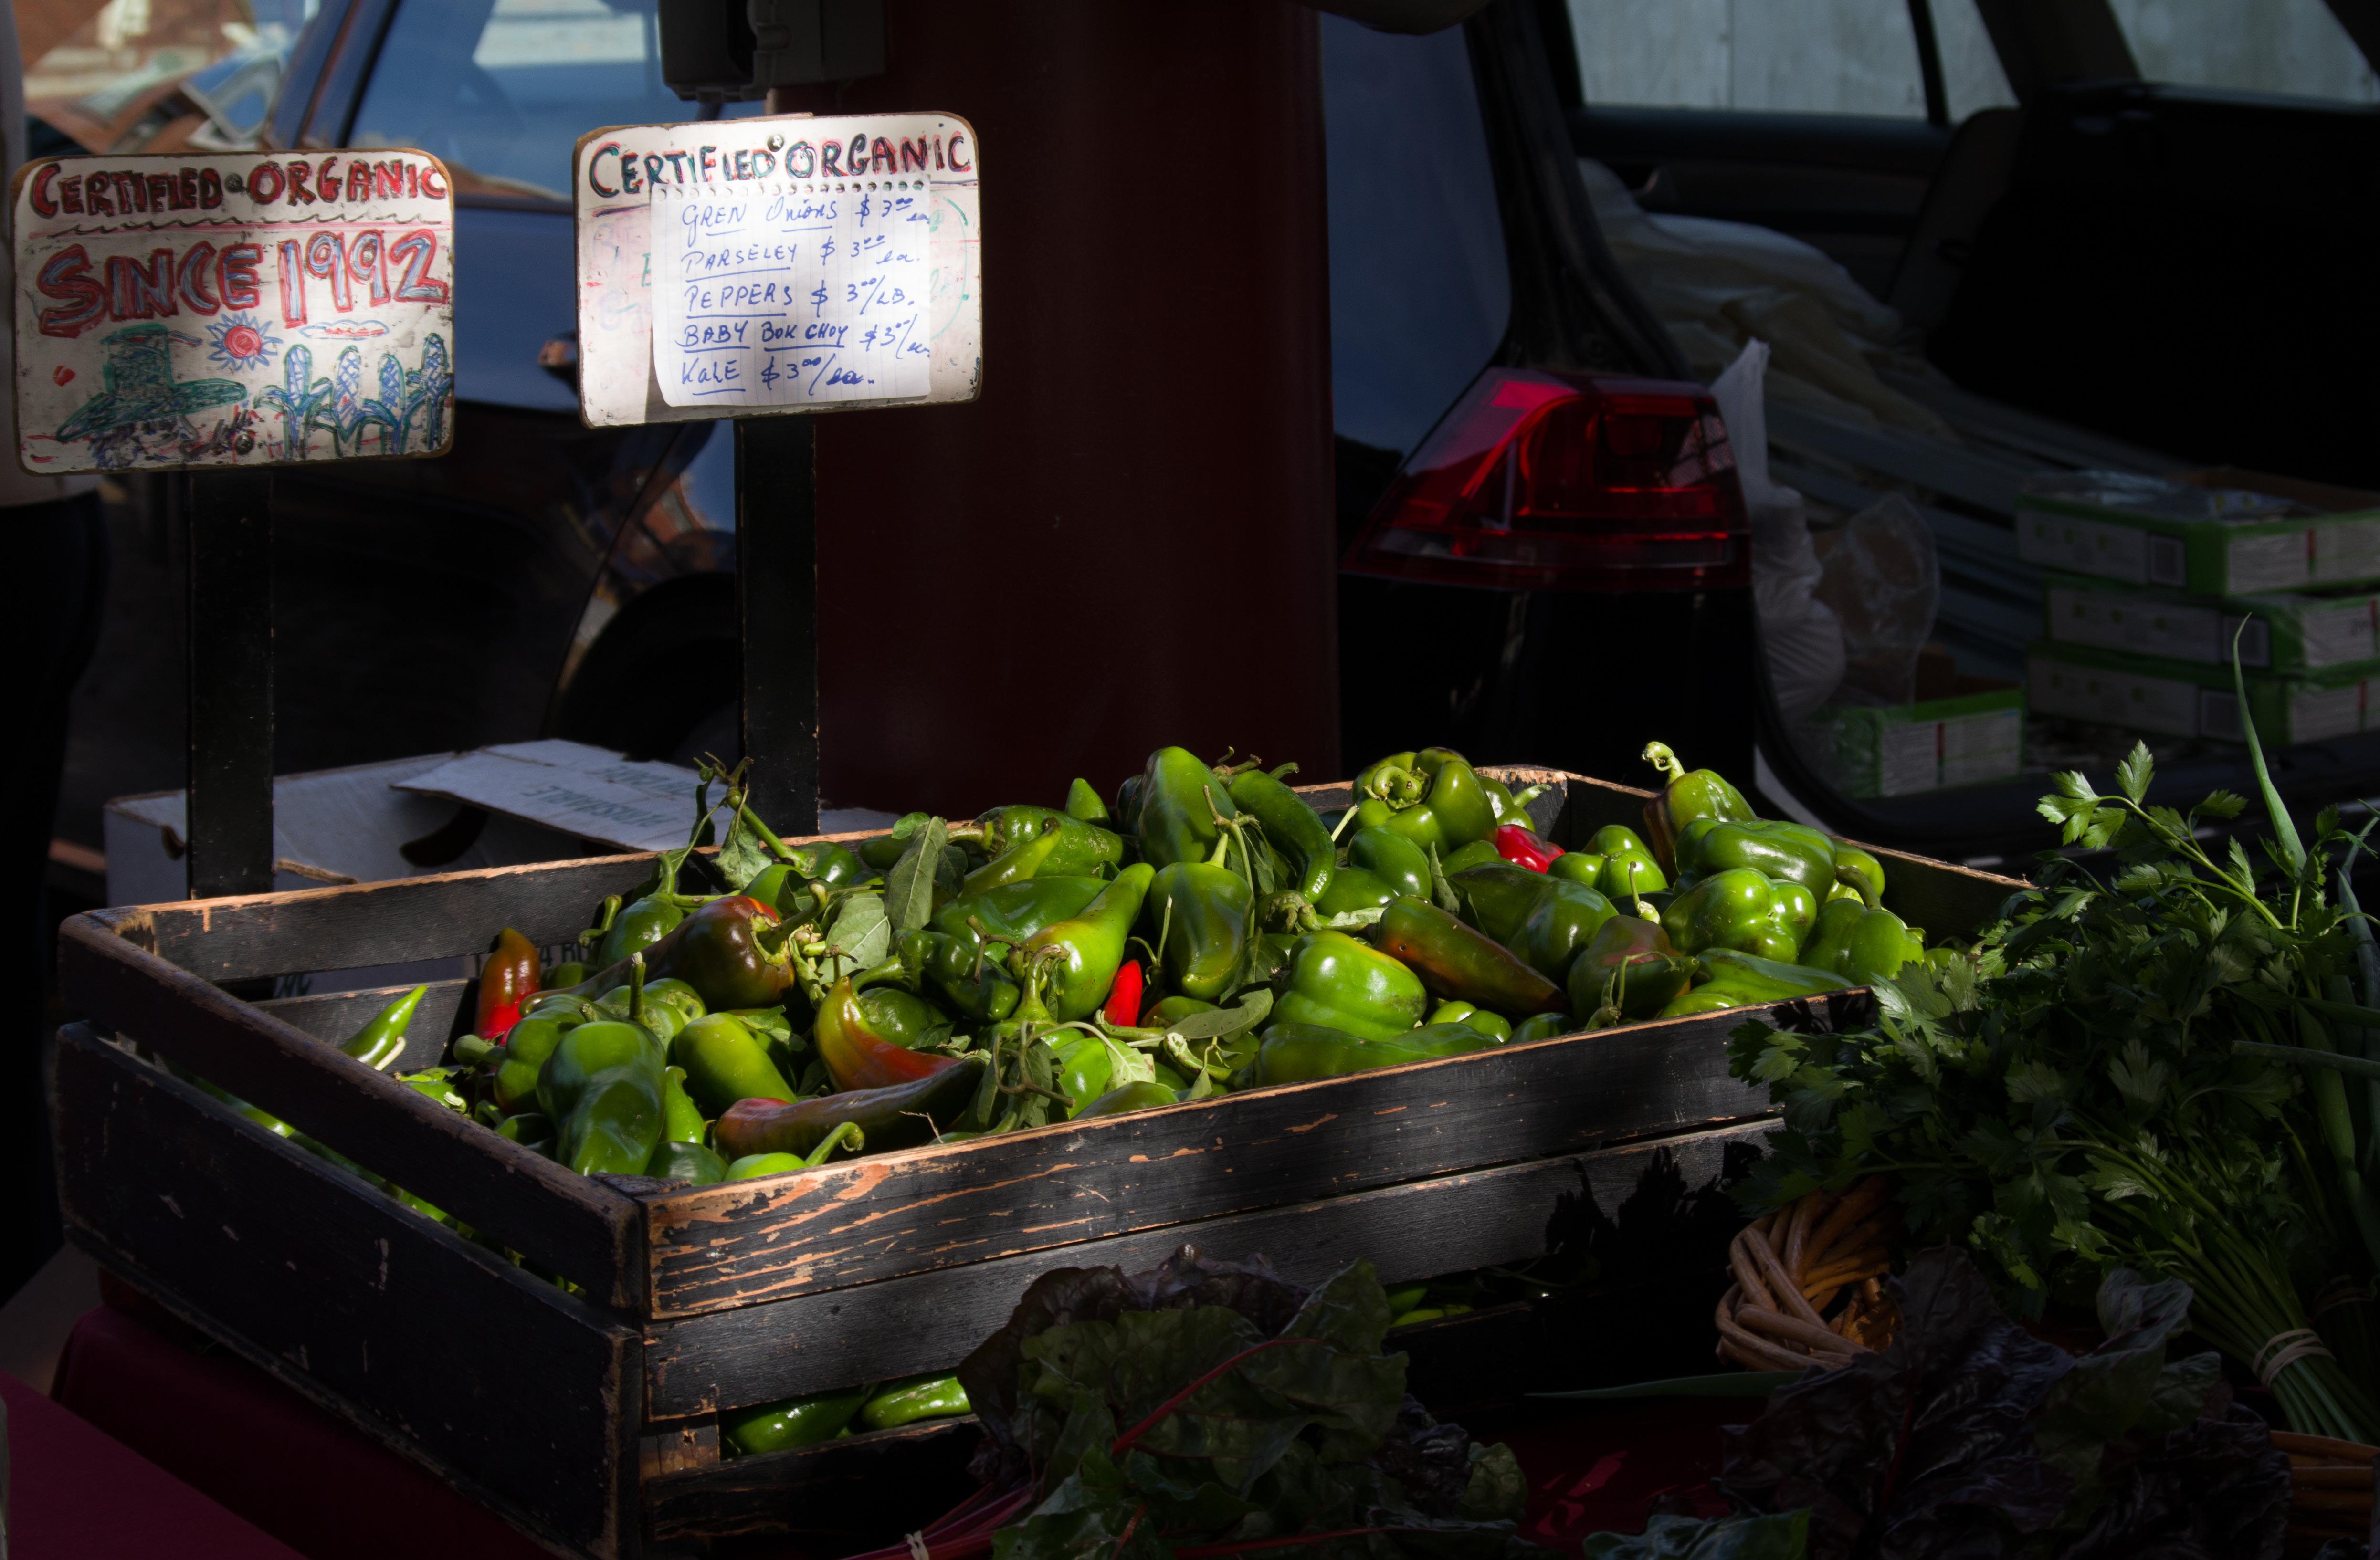 Fresh, organic produce at a farmer's market. Photo © Jillian Regan 2017